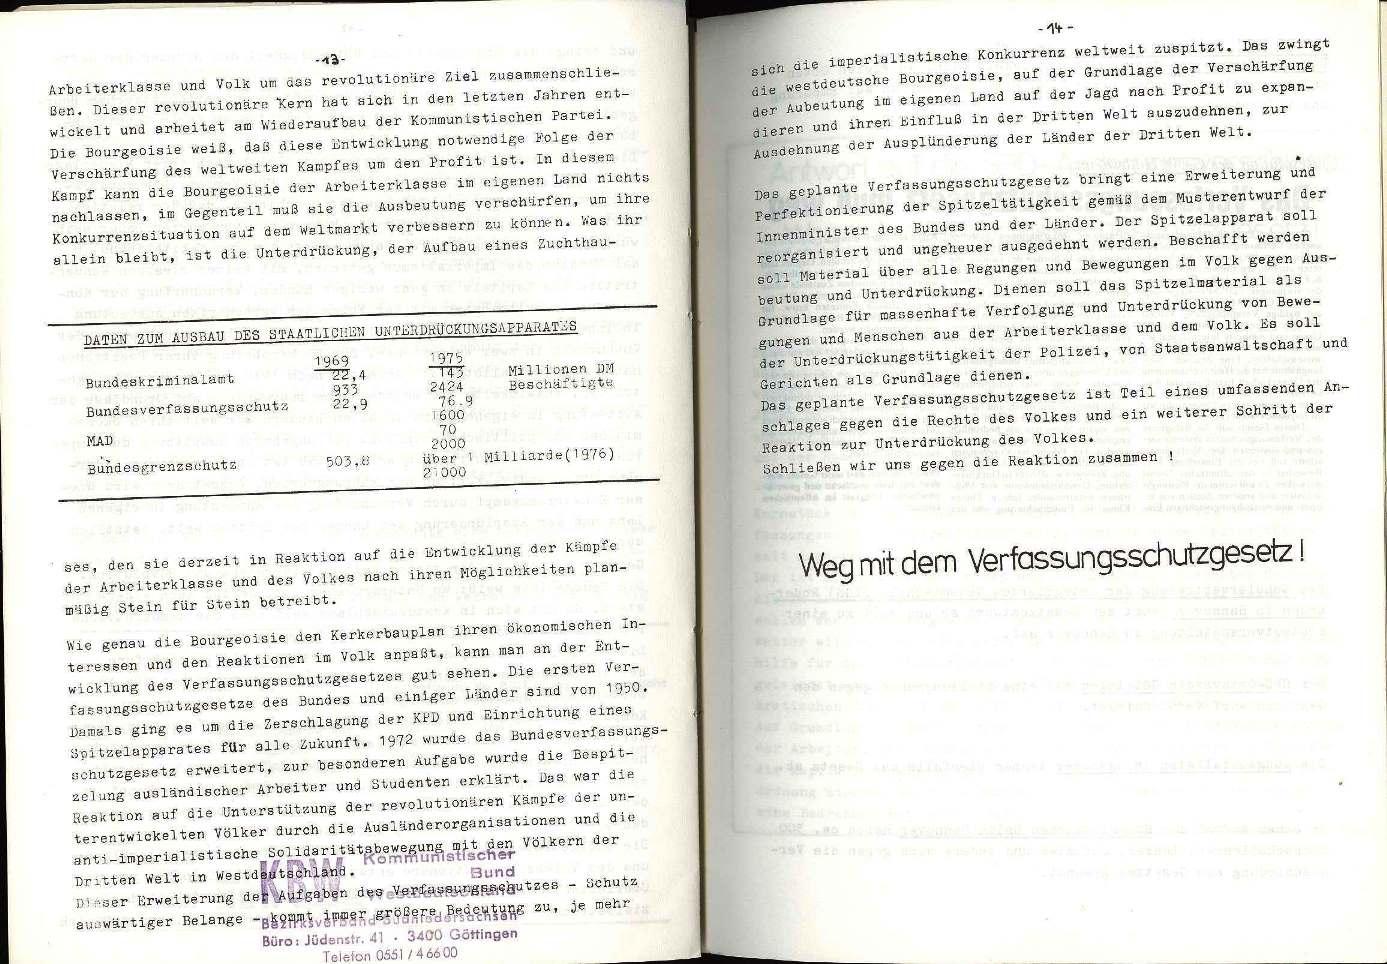 Hannover_Verfassungsschutzgesetz019